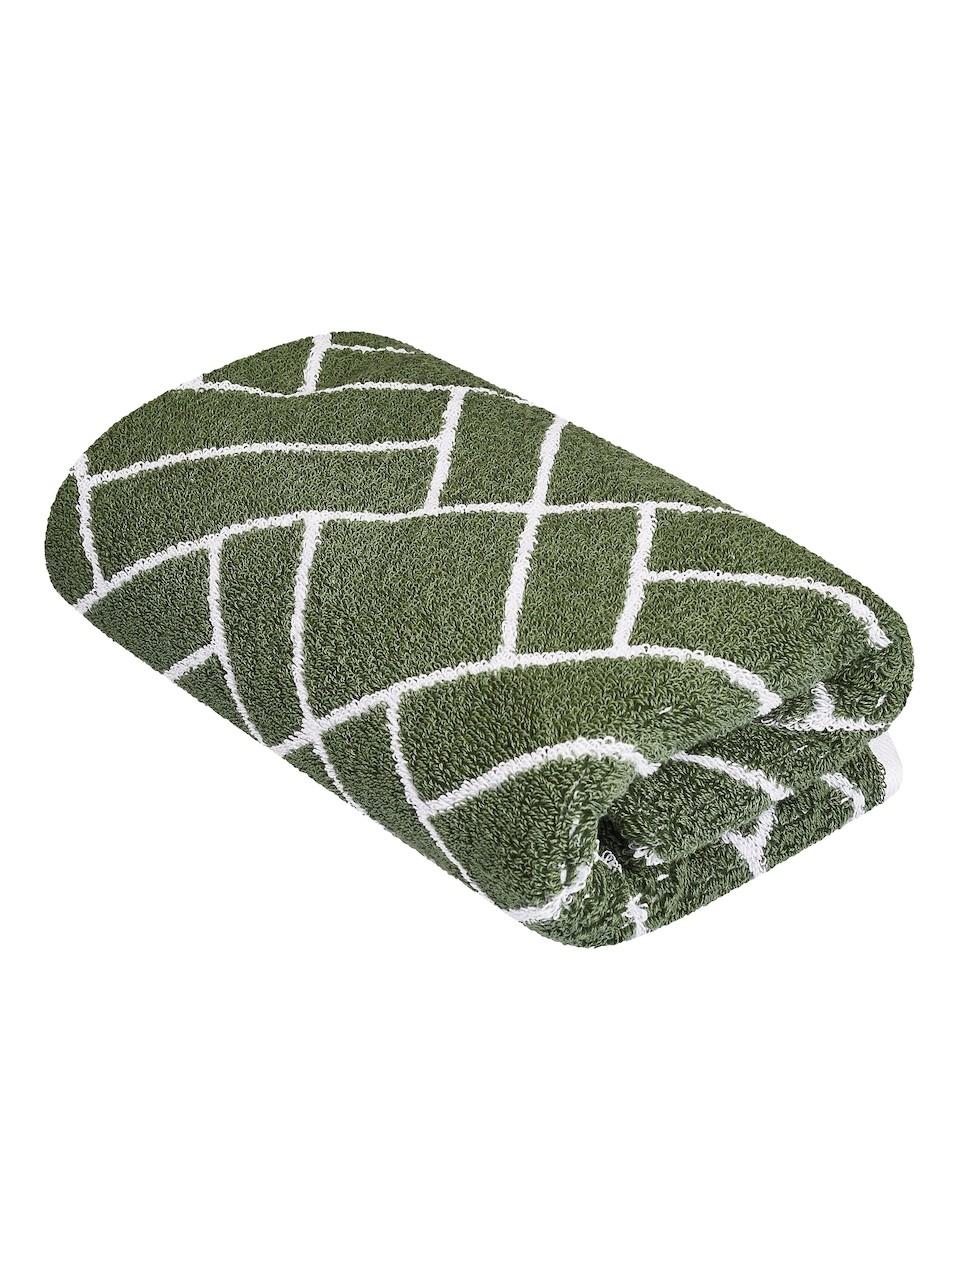 Vícebarevný ručník FRH138 Zelená